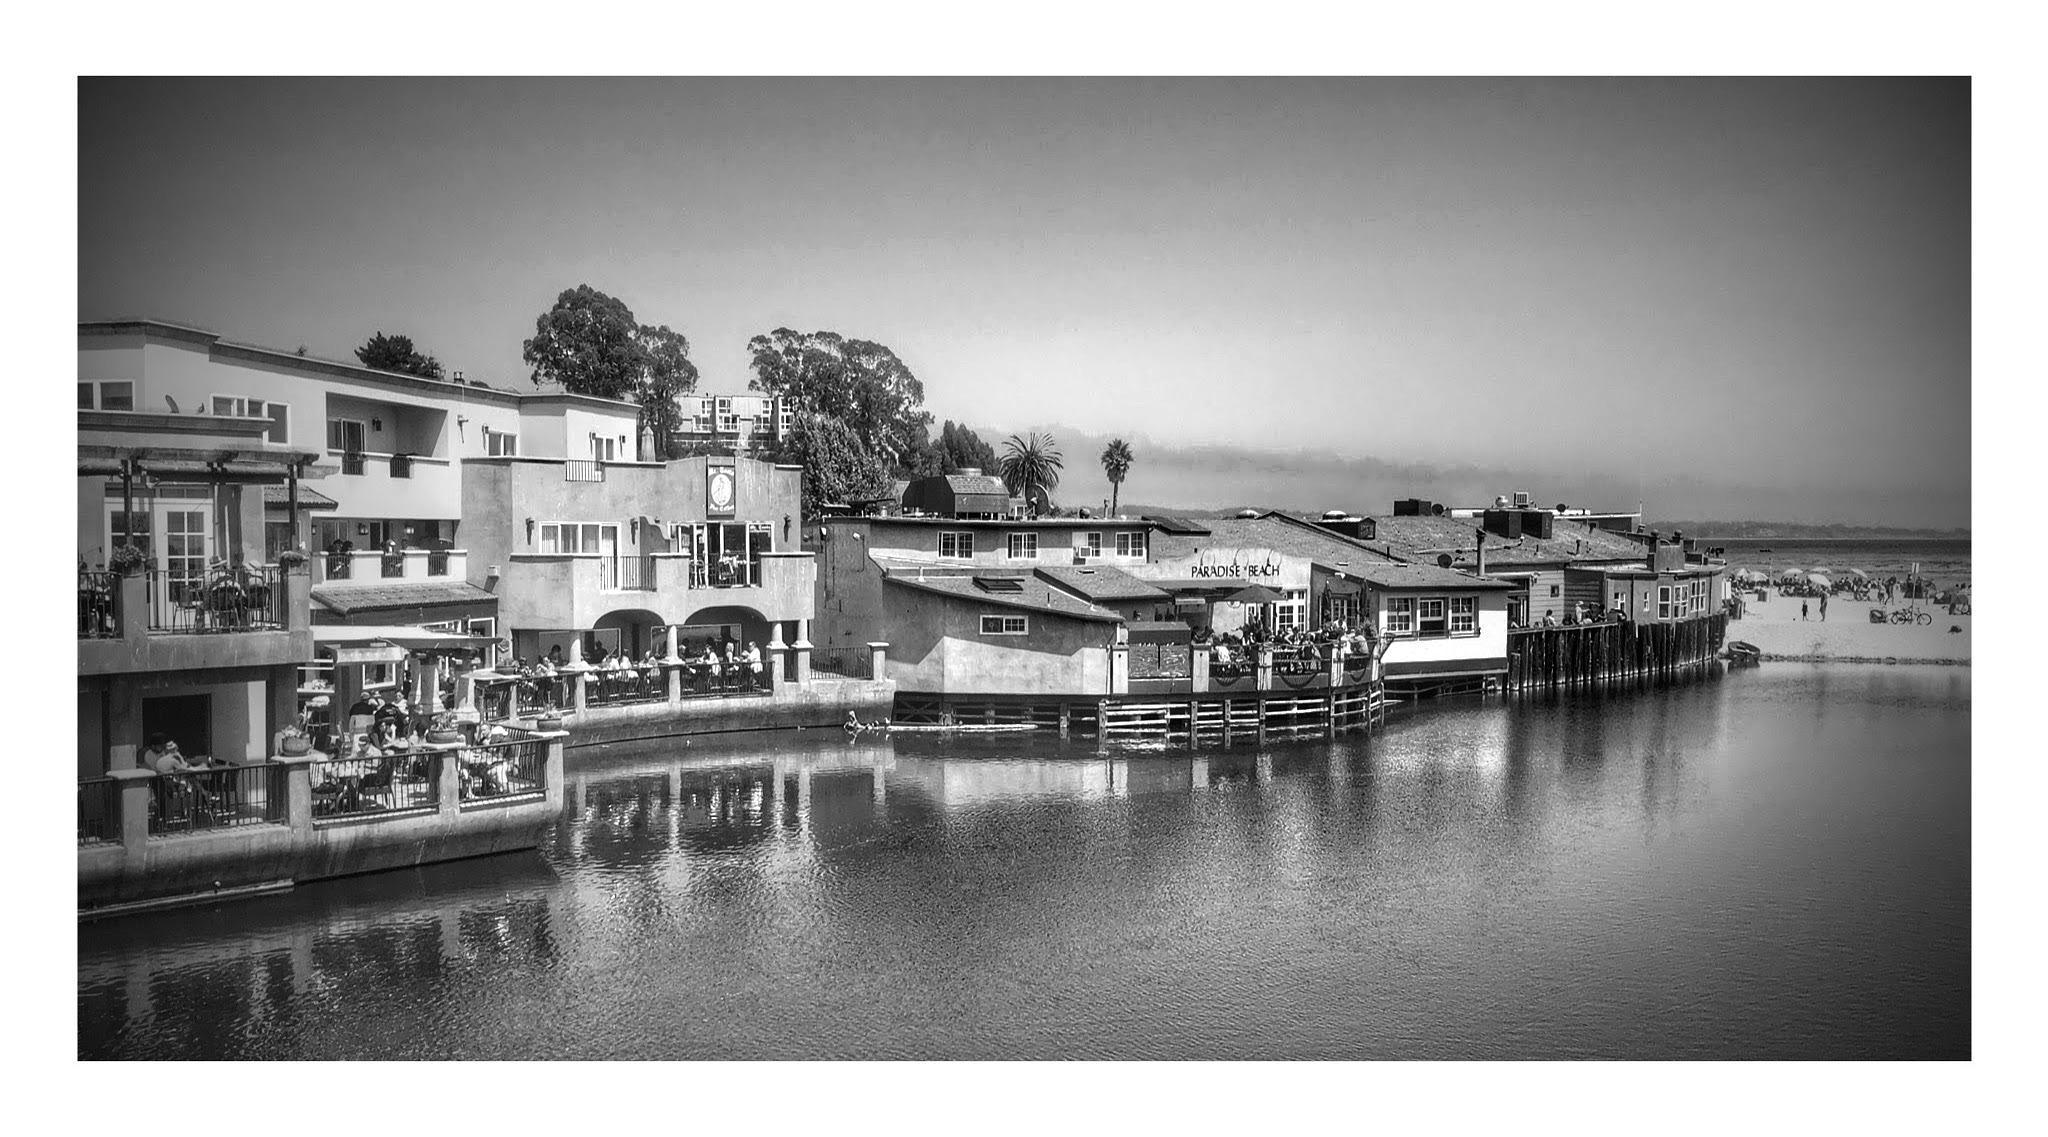 Lagoon by Susan Campi